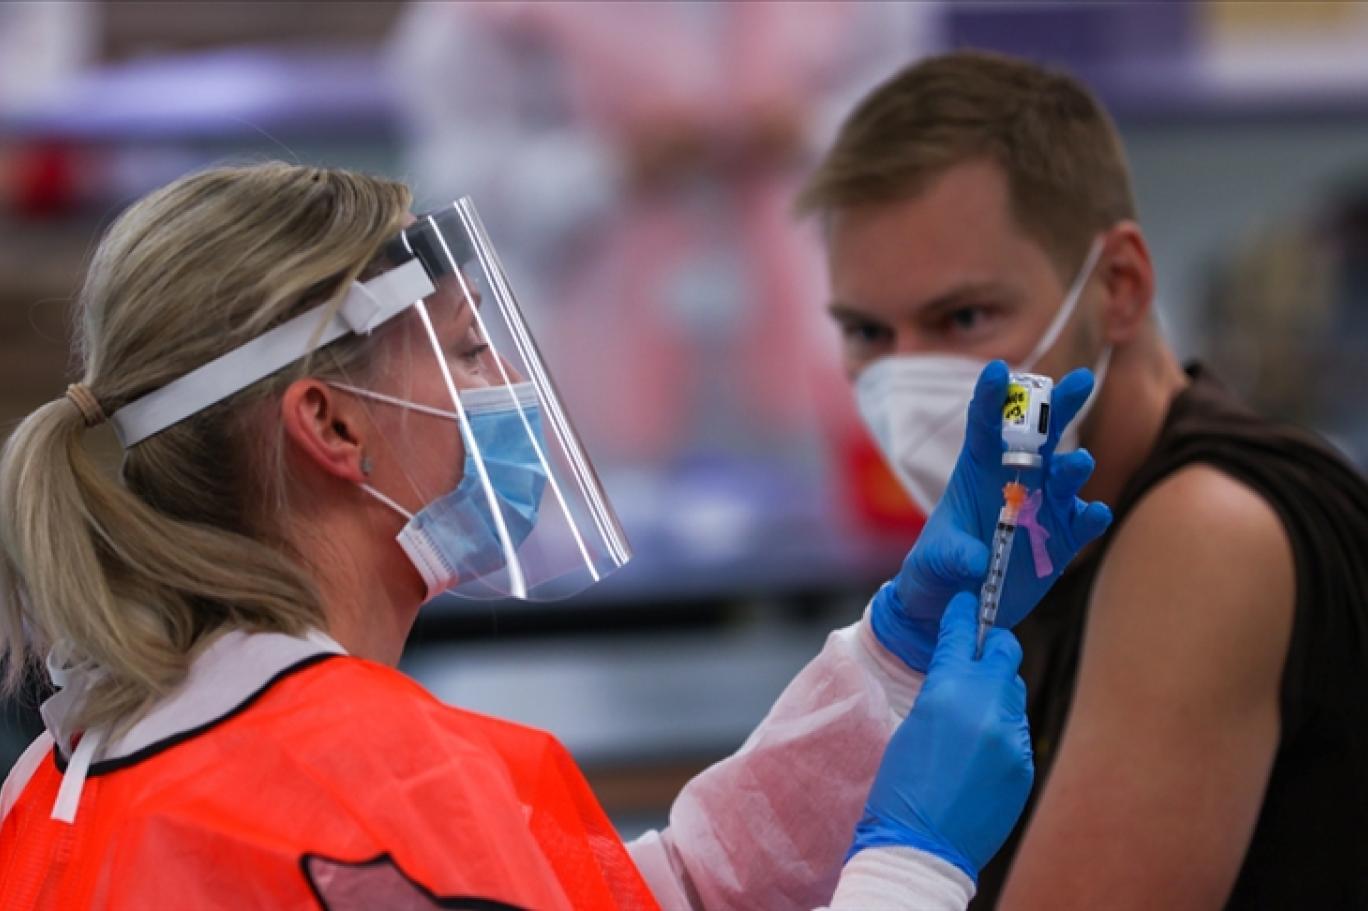 New York'ta çalışanlara aşı ve test zorunlu hale getirildi